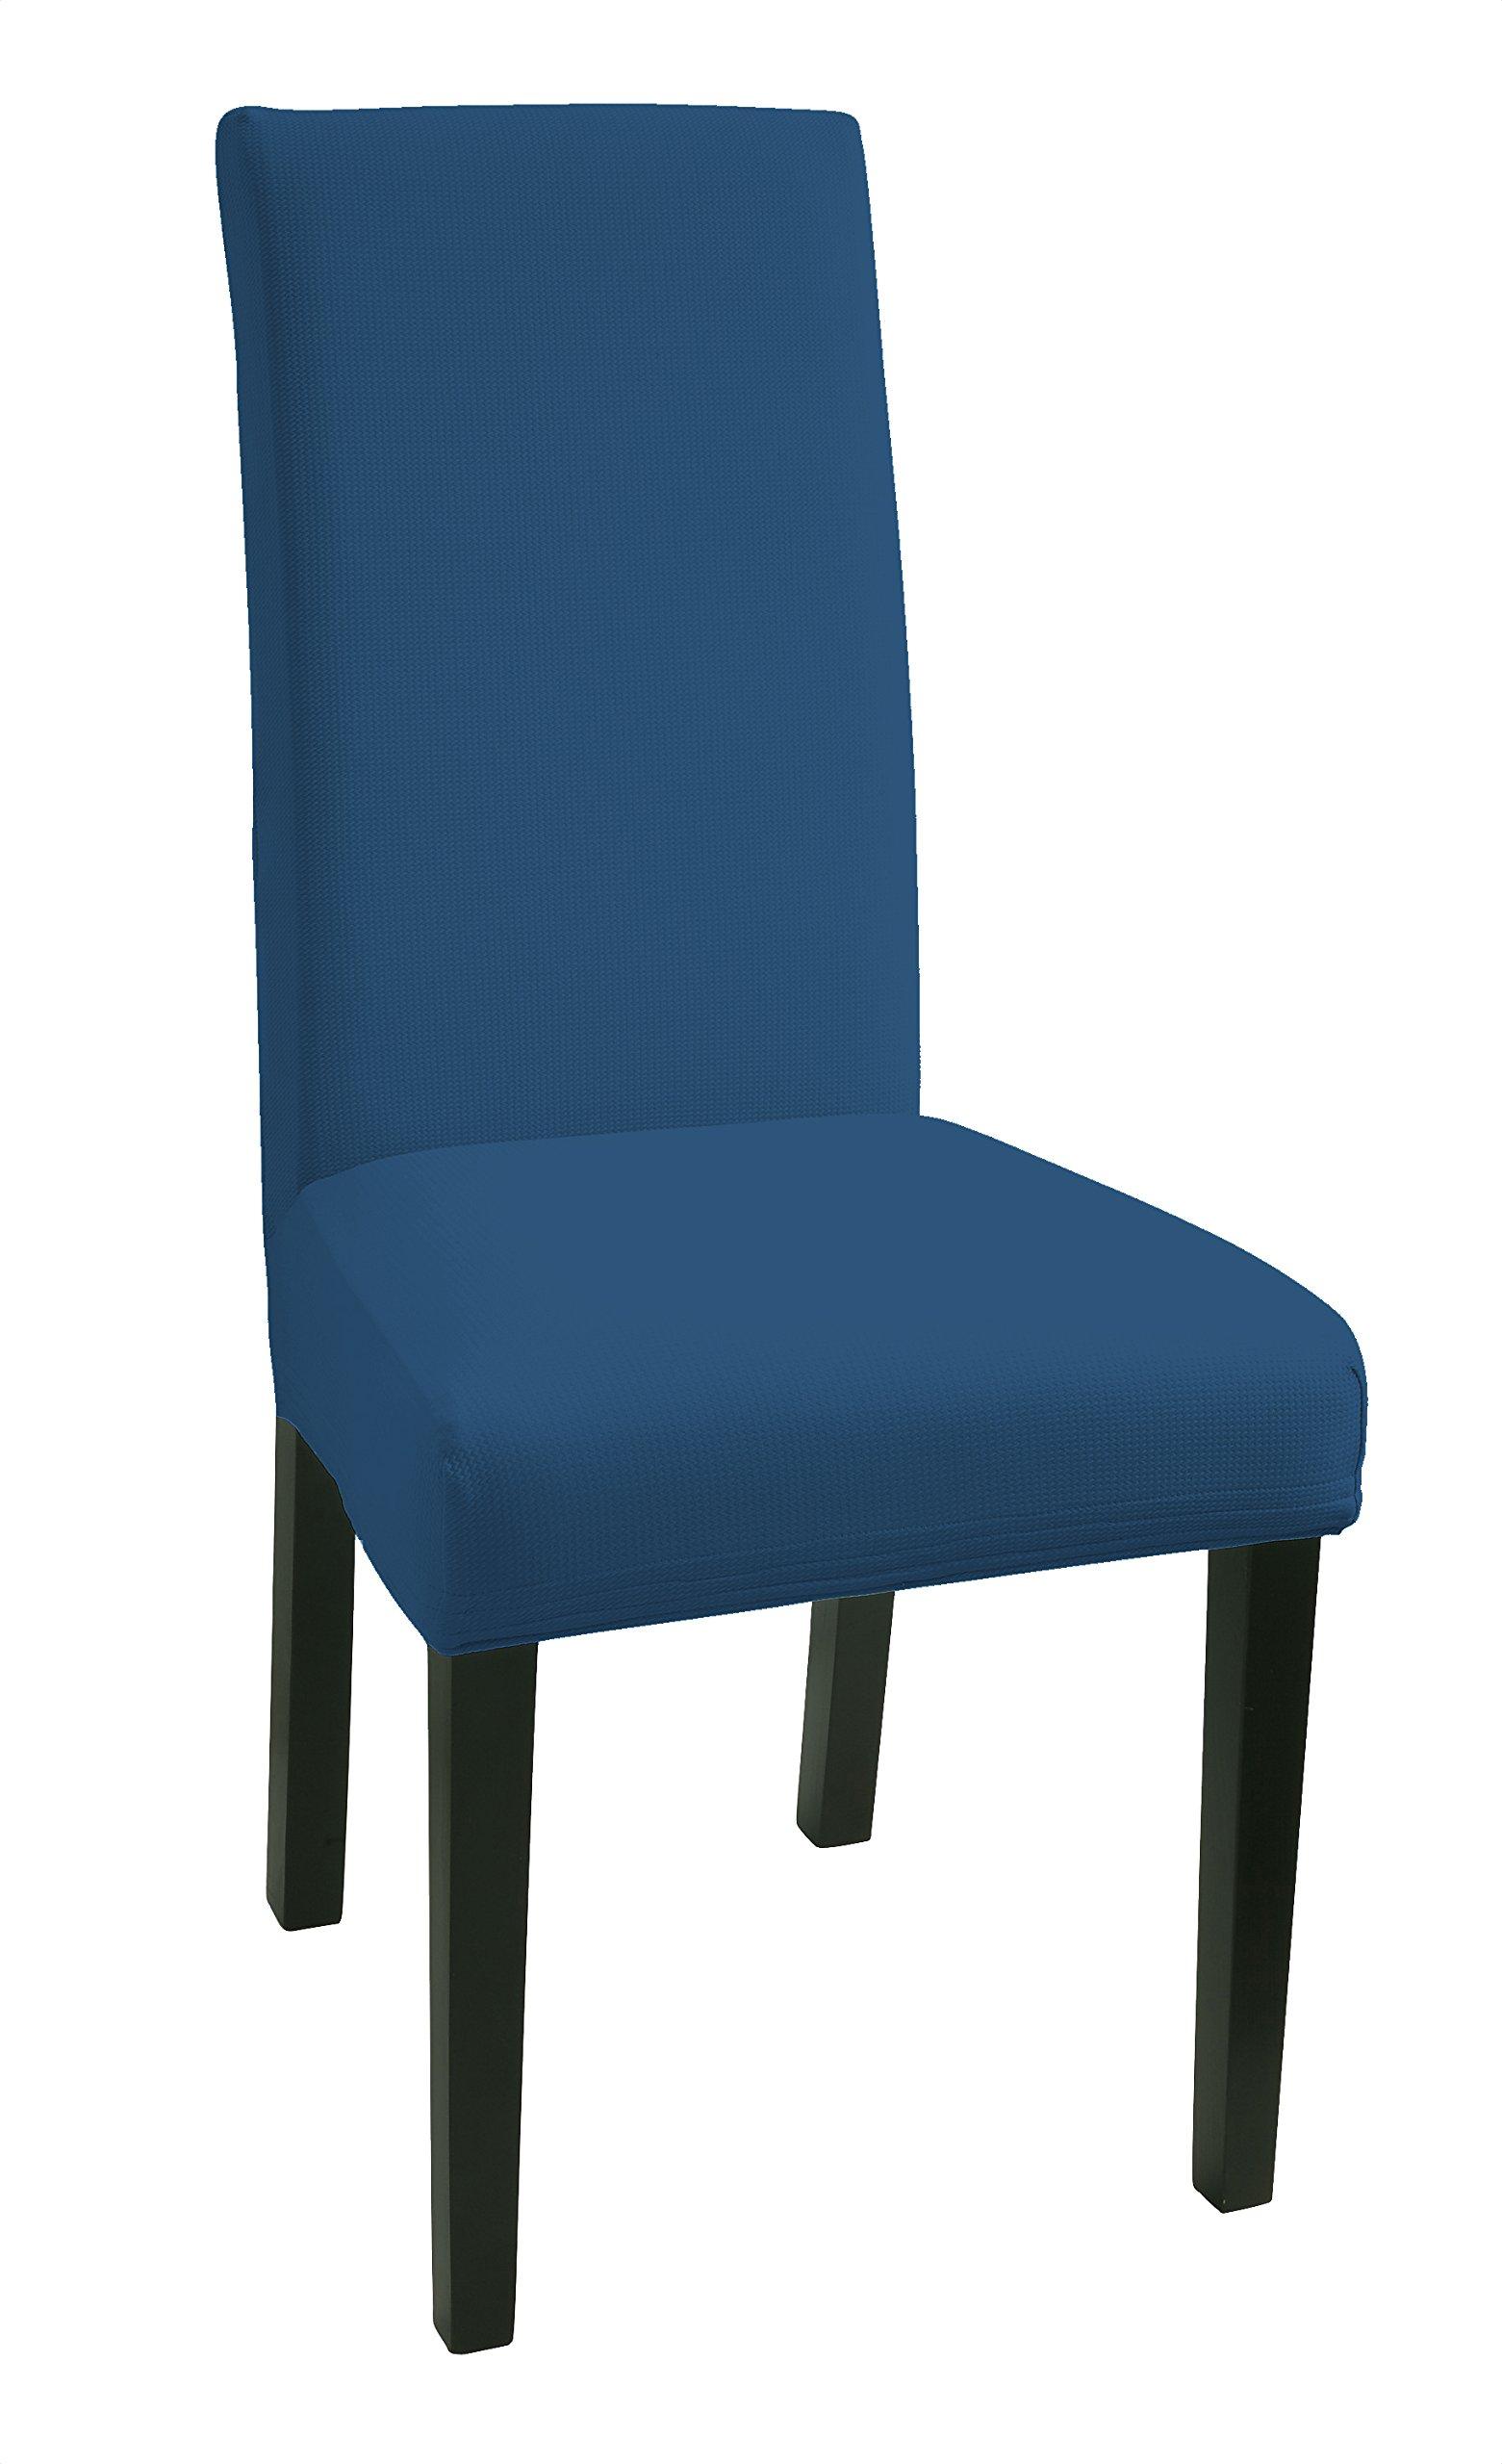 Stuhl rckenlehne selbst beziehen gallery of umstyling with stuhl rckenlehne selbst beziehen - Stuhle selbst beziehen ...